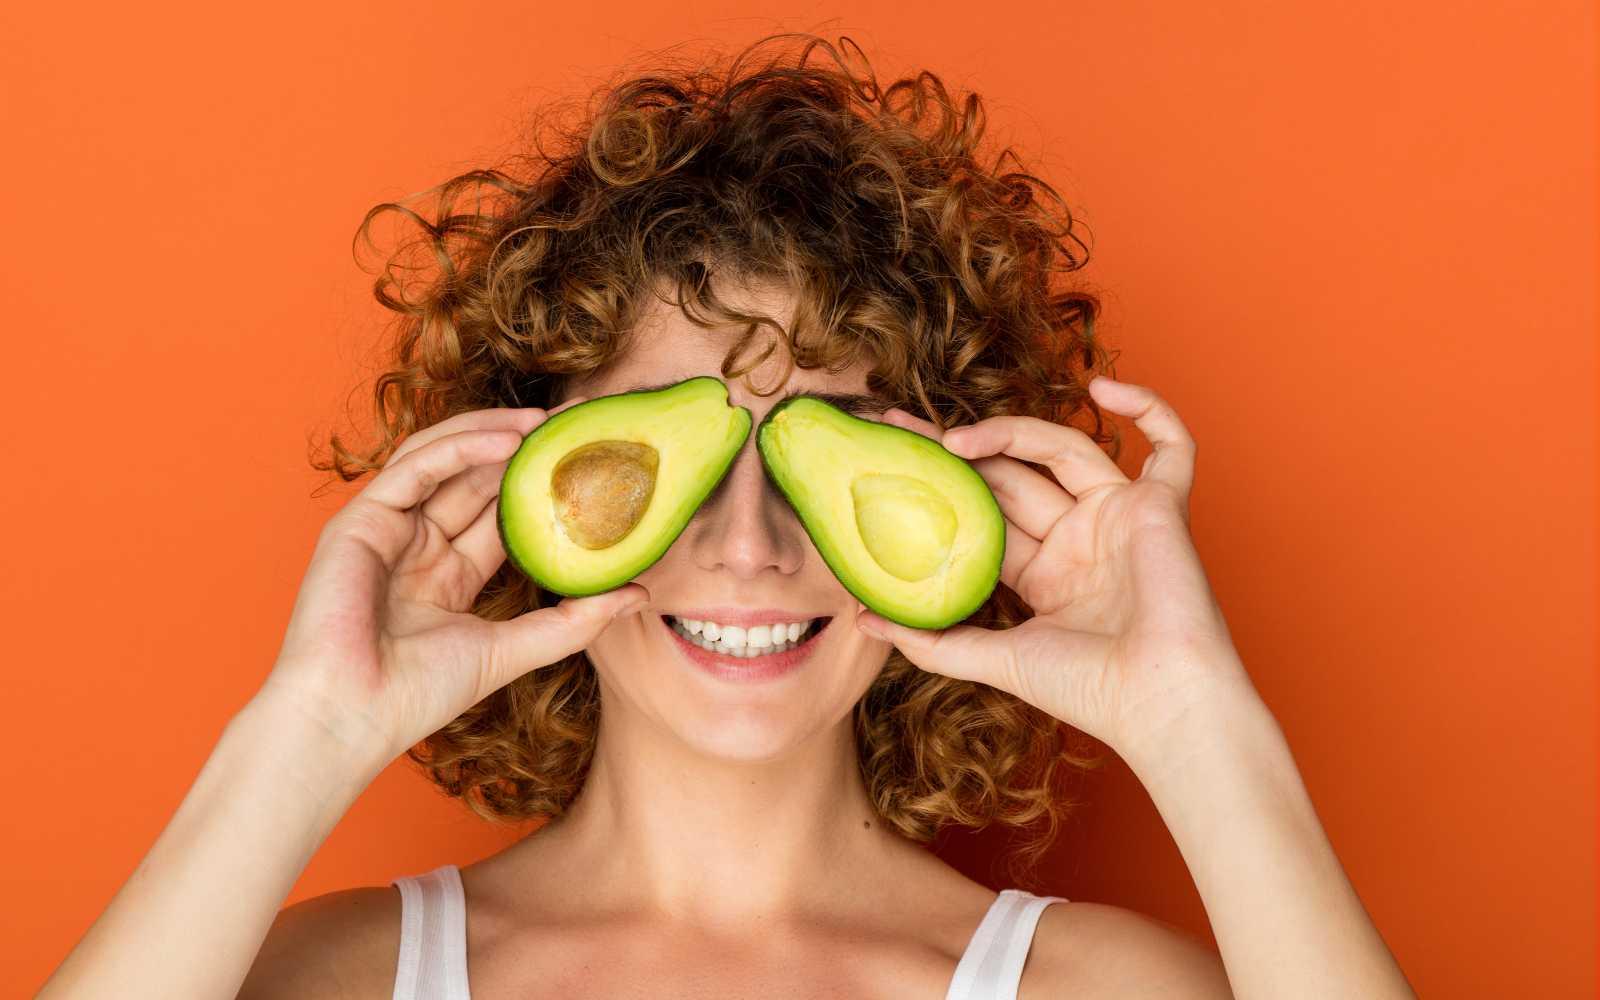 ragazza con capelli ricci tiene in mano un avocado aperto a metà